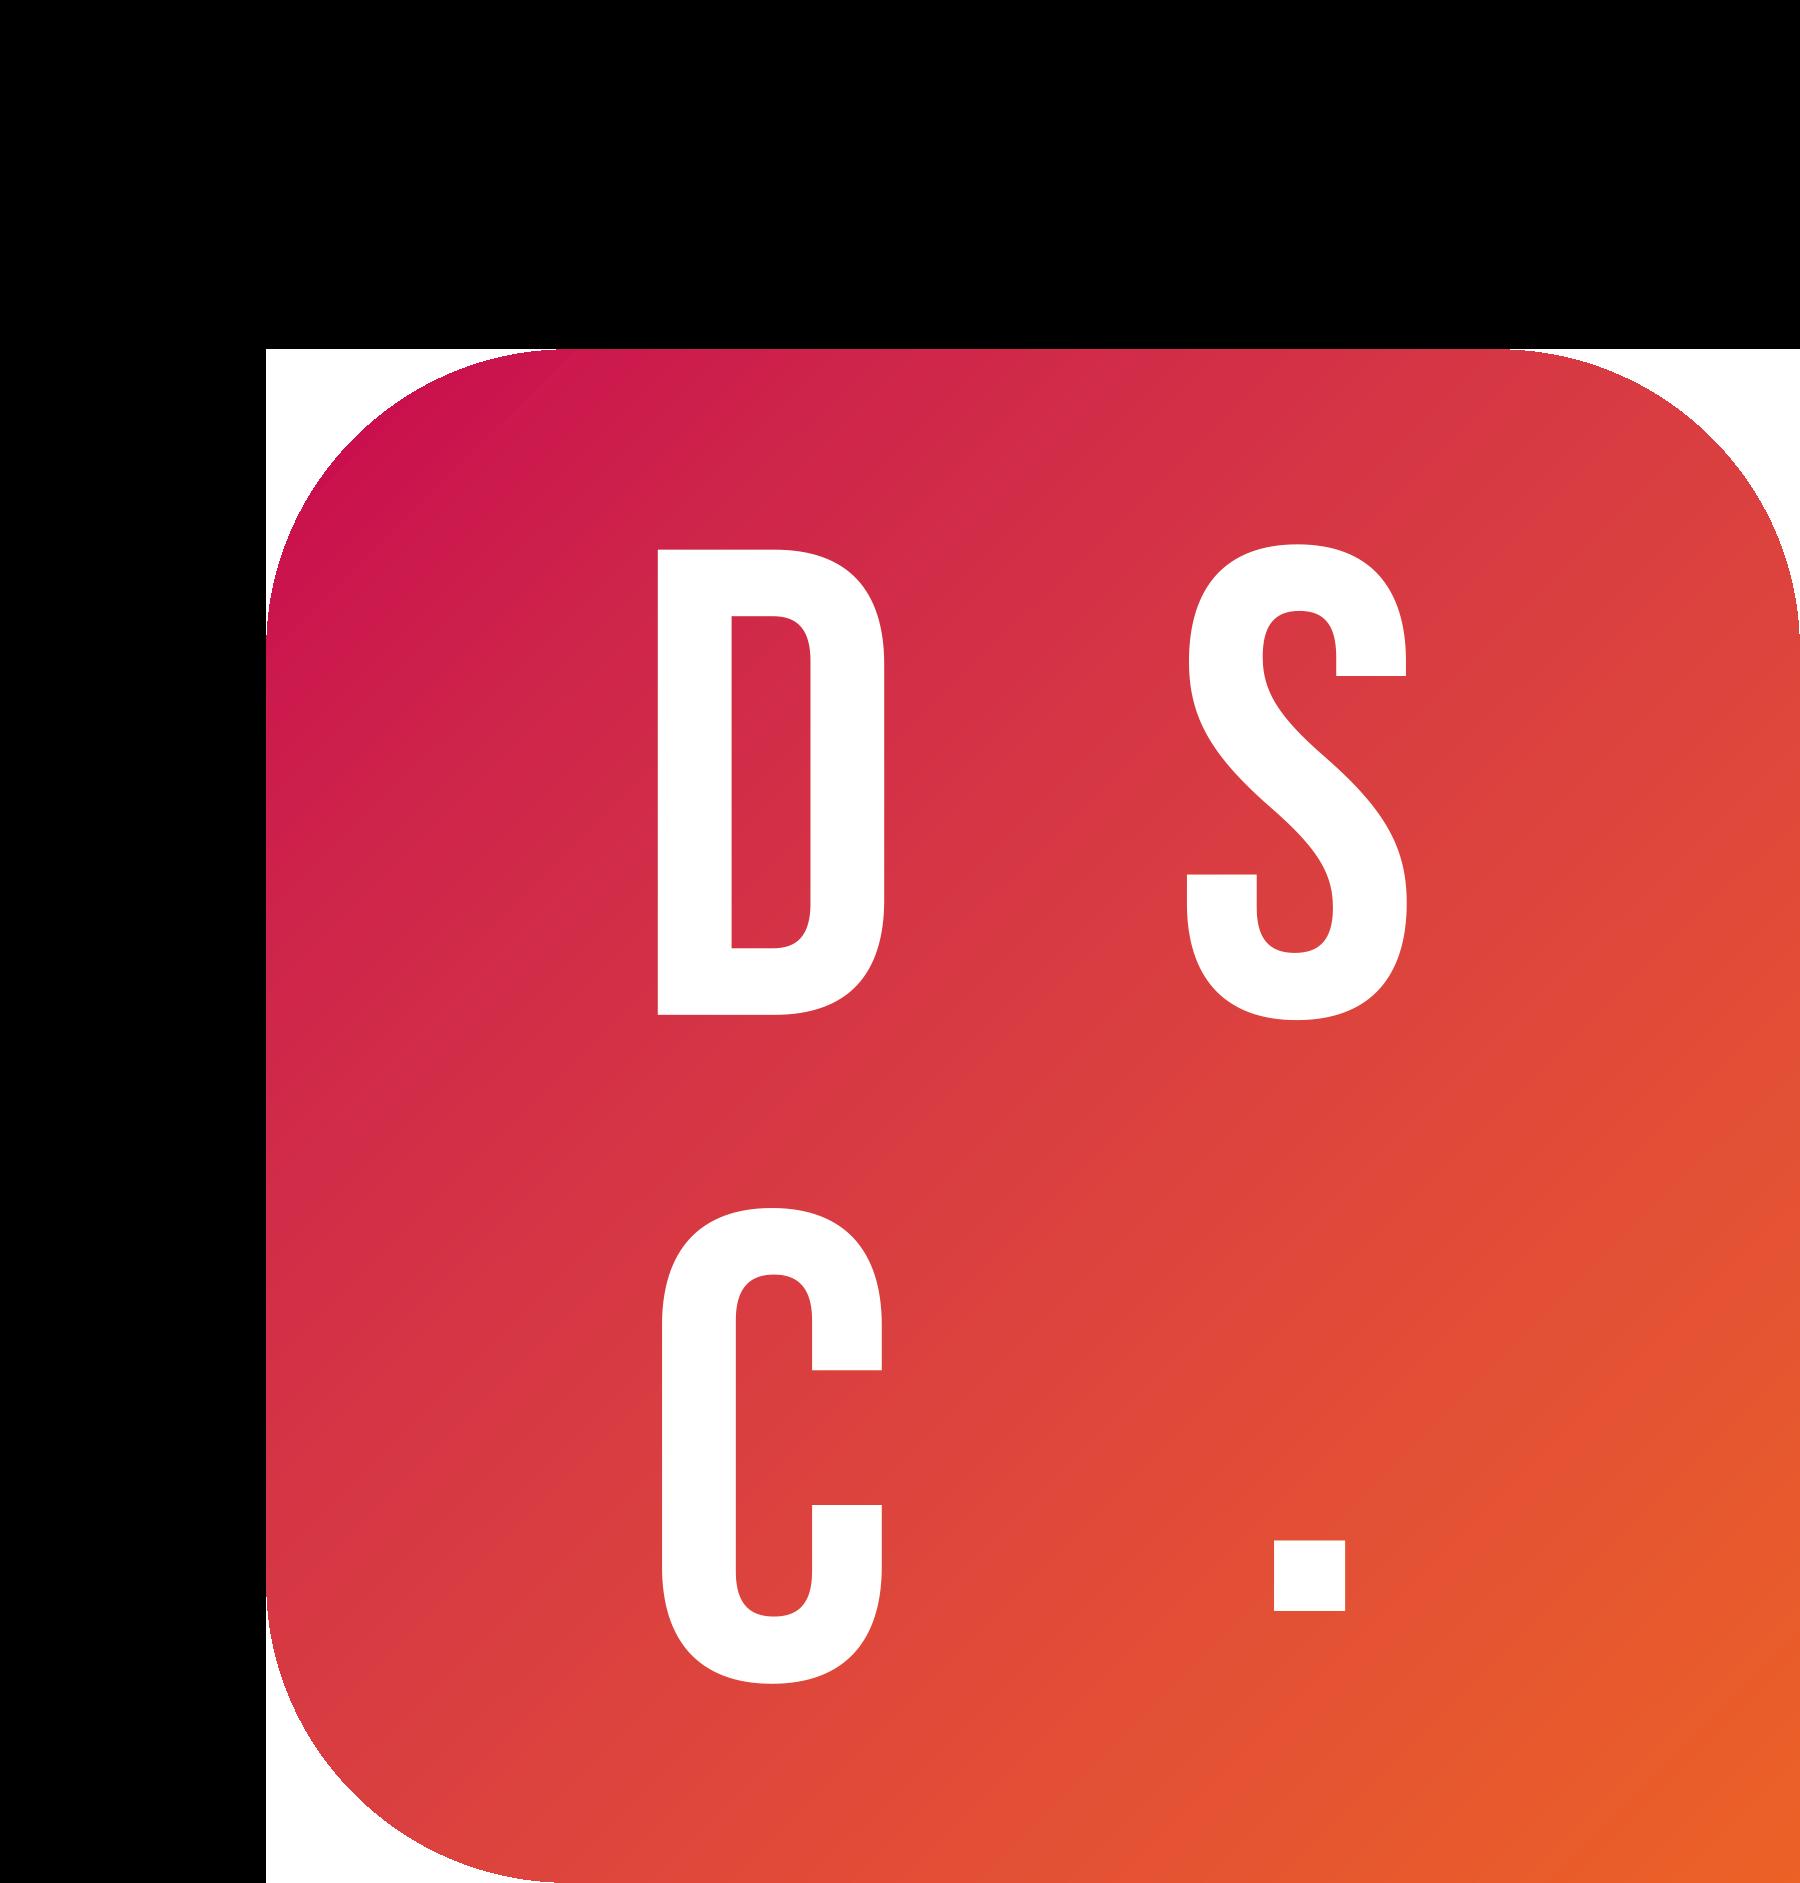 Descomplica Comunicação Digital